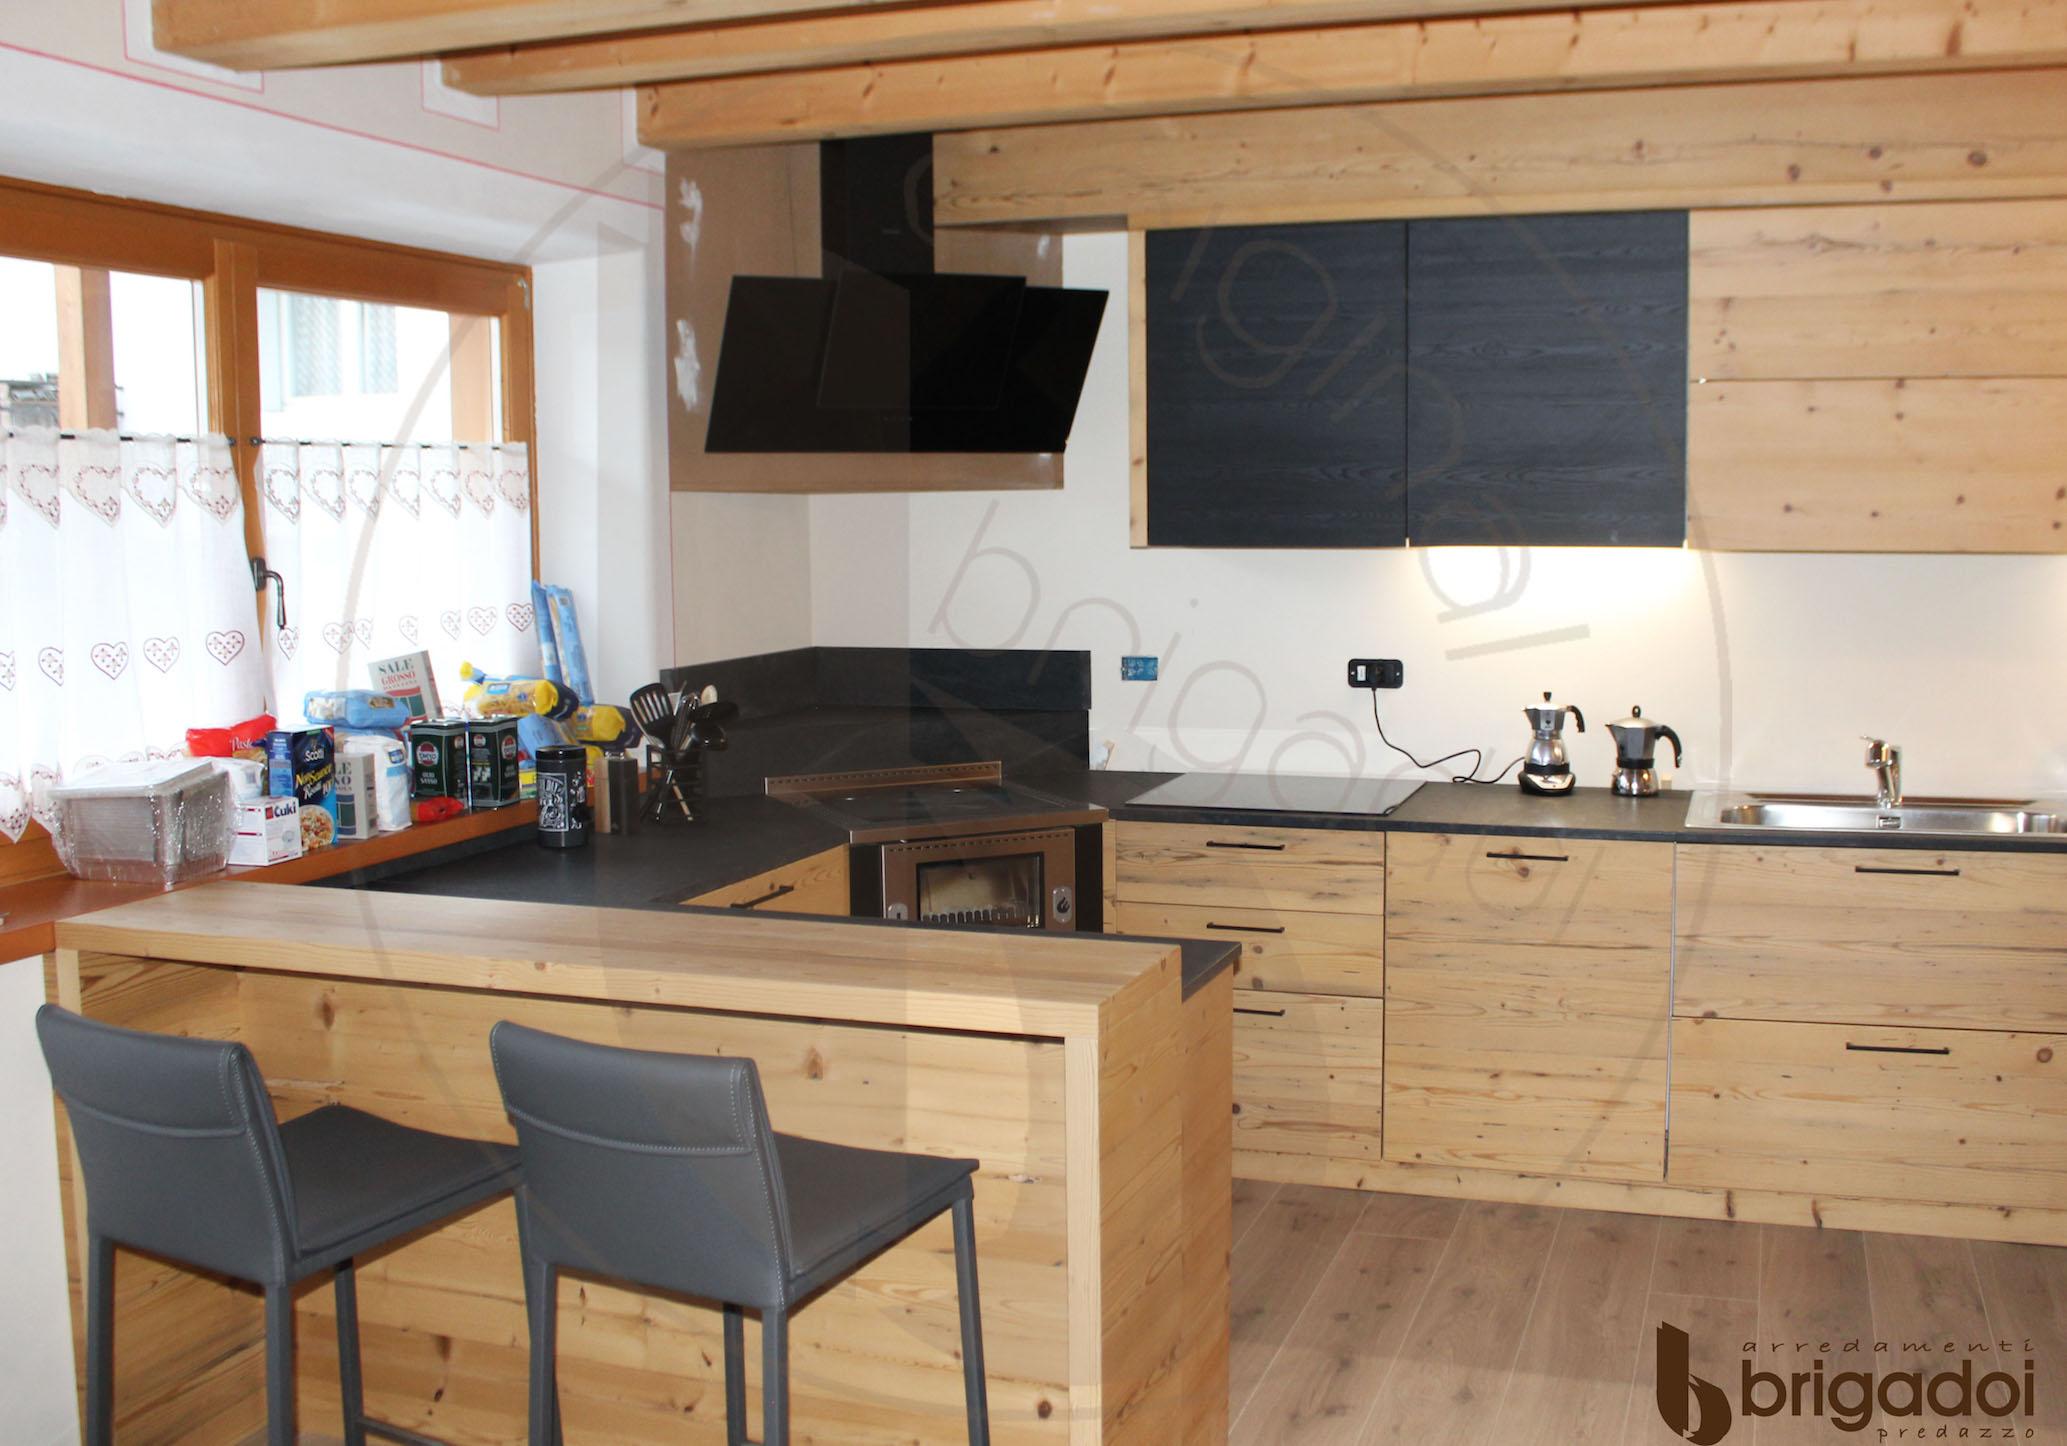 cucina legno arredamenti falegnameria brigadoi design val di fiemme dolomiti trentino legno